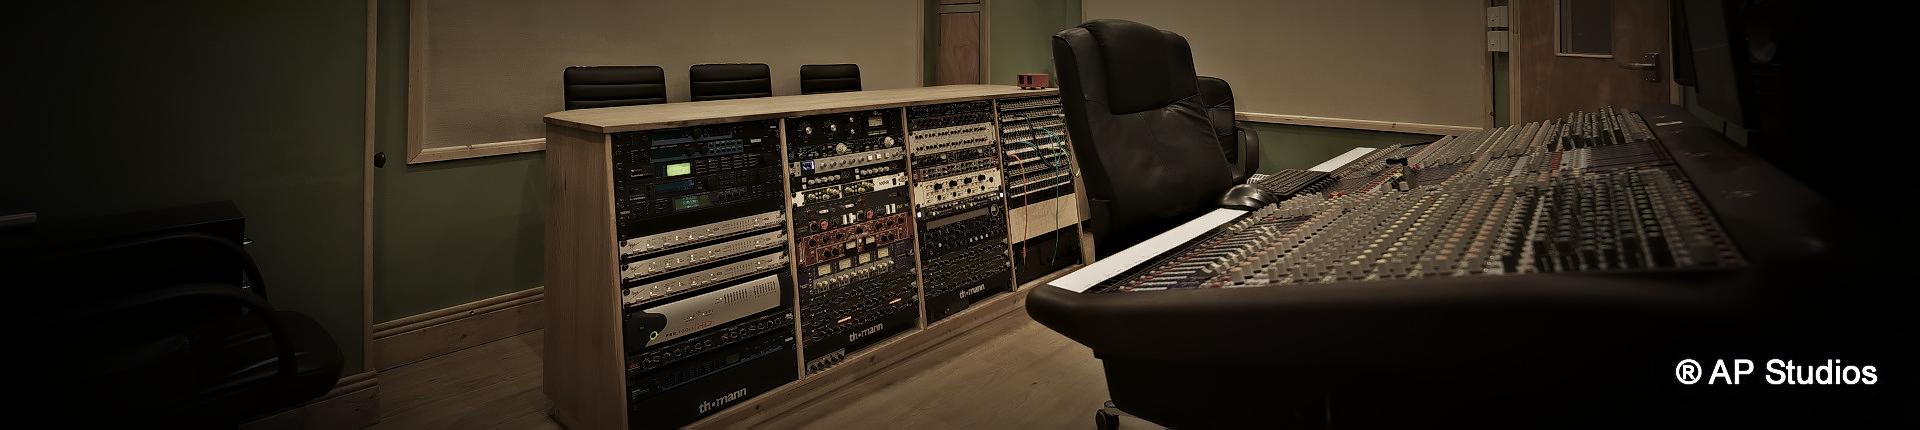 AP Recording Studios Dublin control room